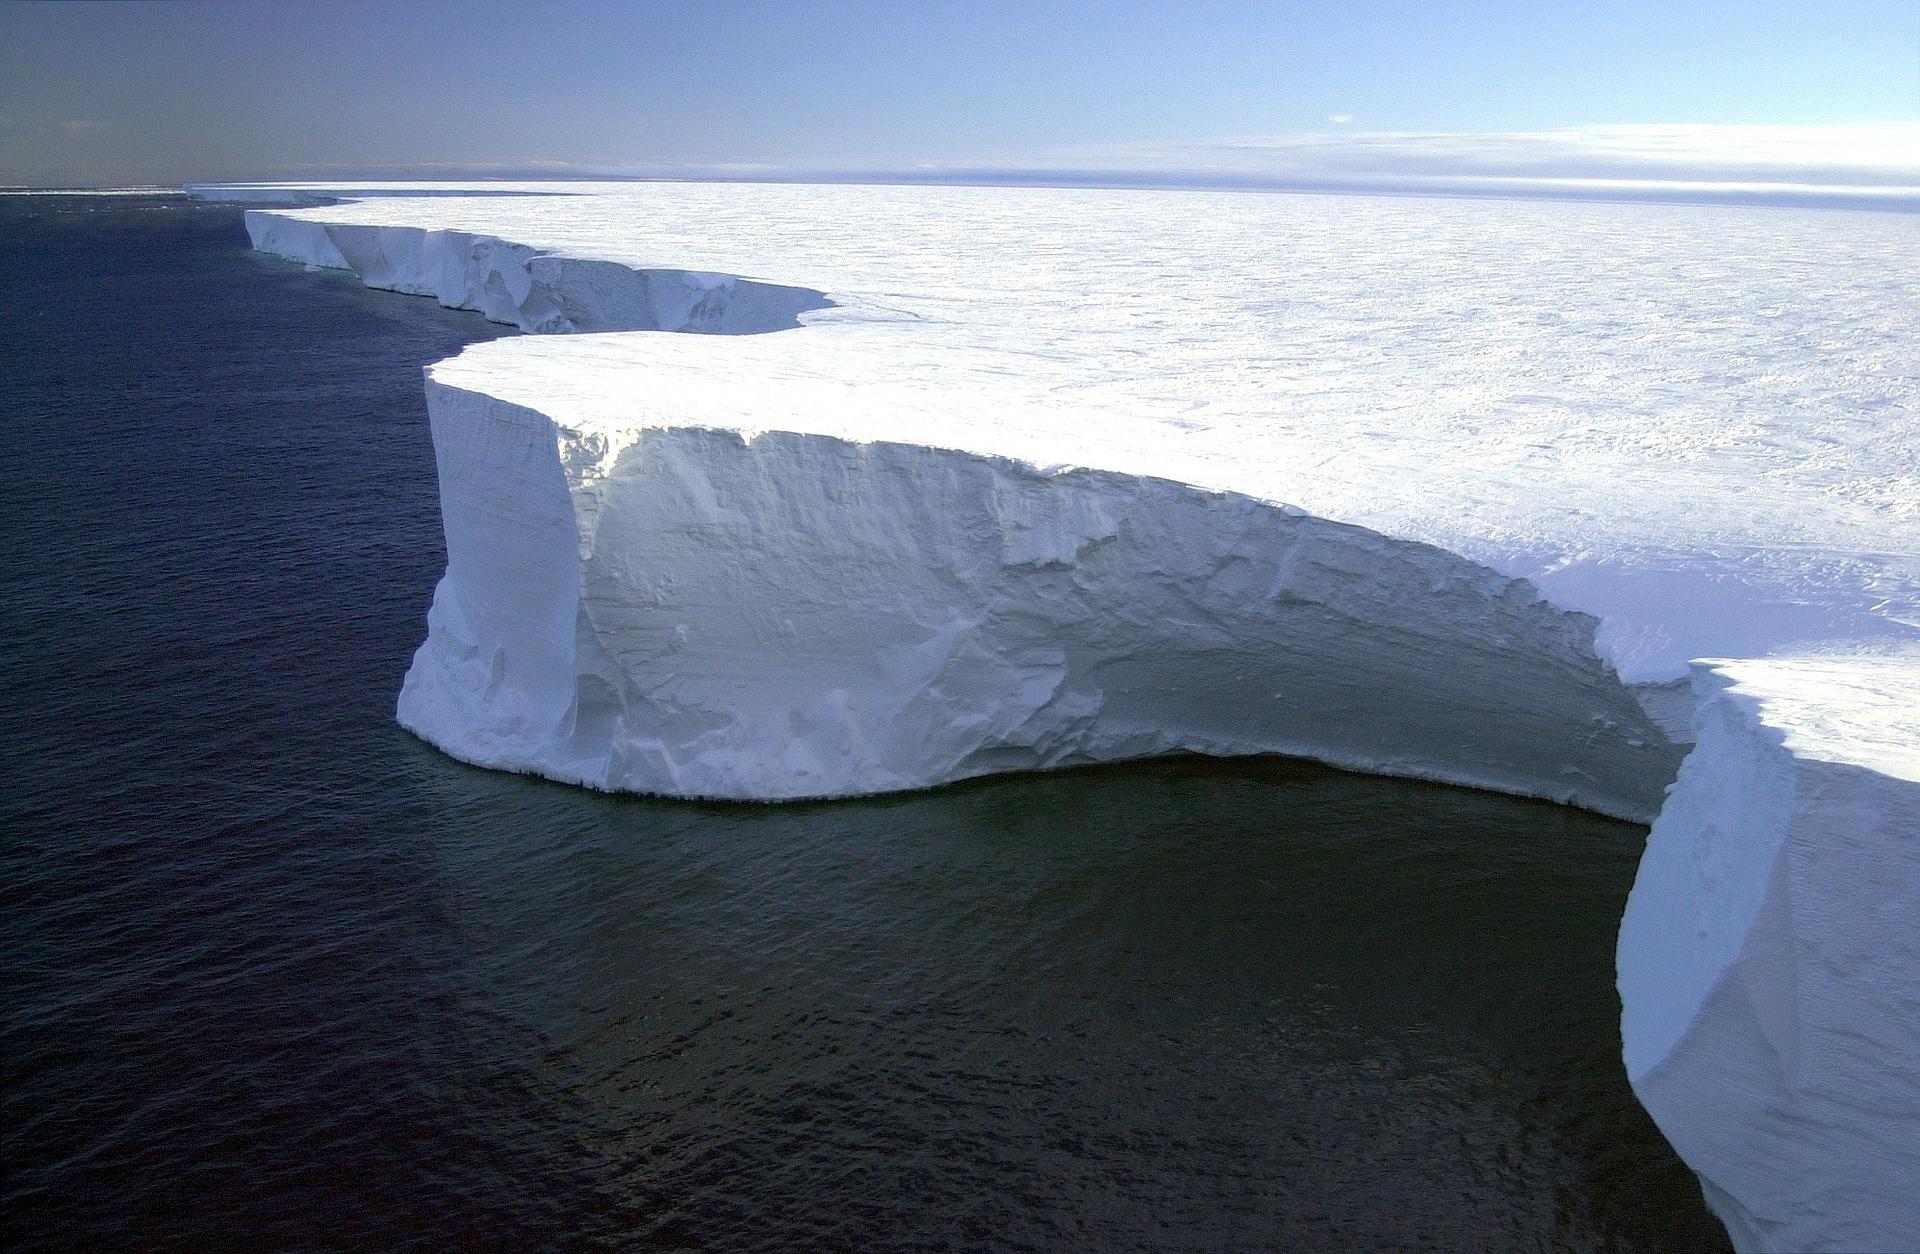 Antarctica, Zăpadă roşie in Antarctica, cel mai mare aisberg din lume în derivă